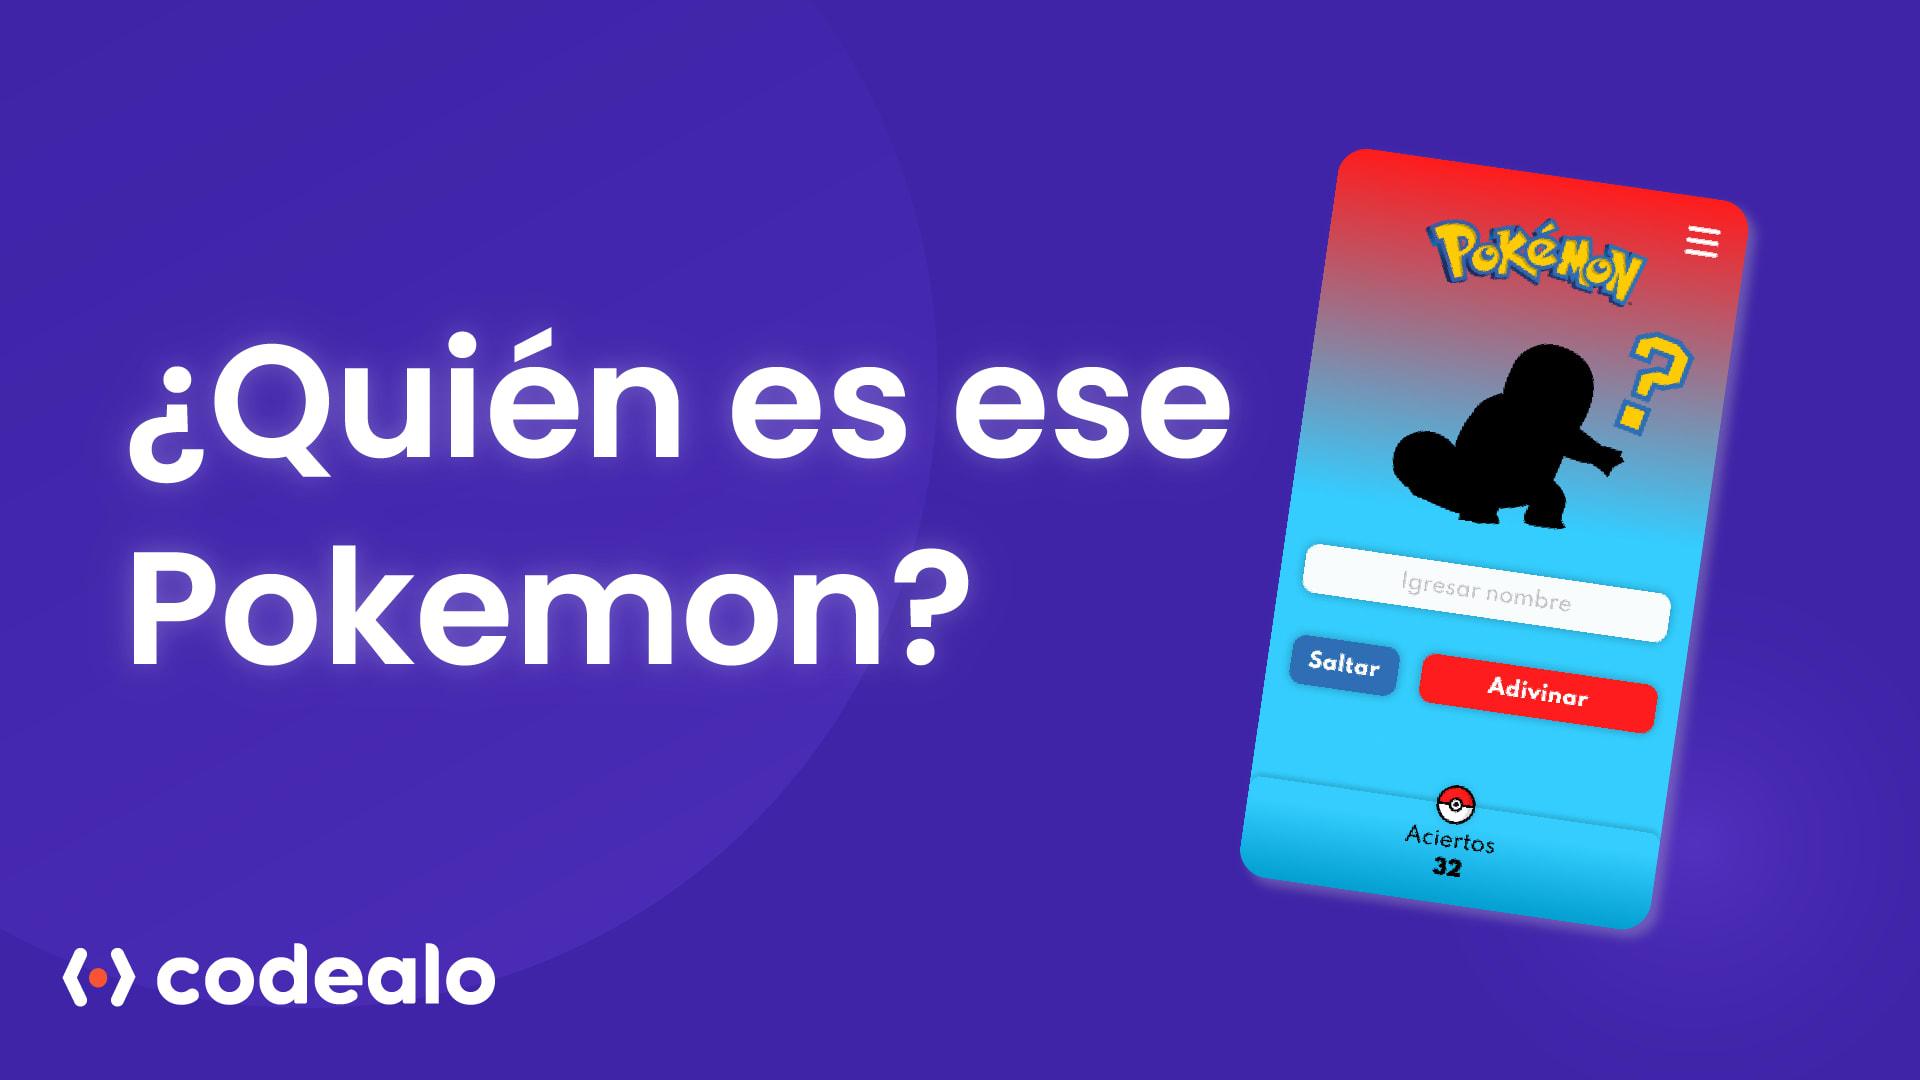 Quien es ese pokemon banner